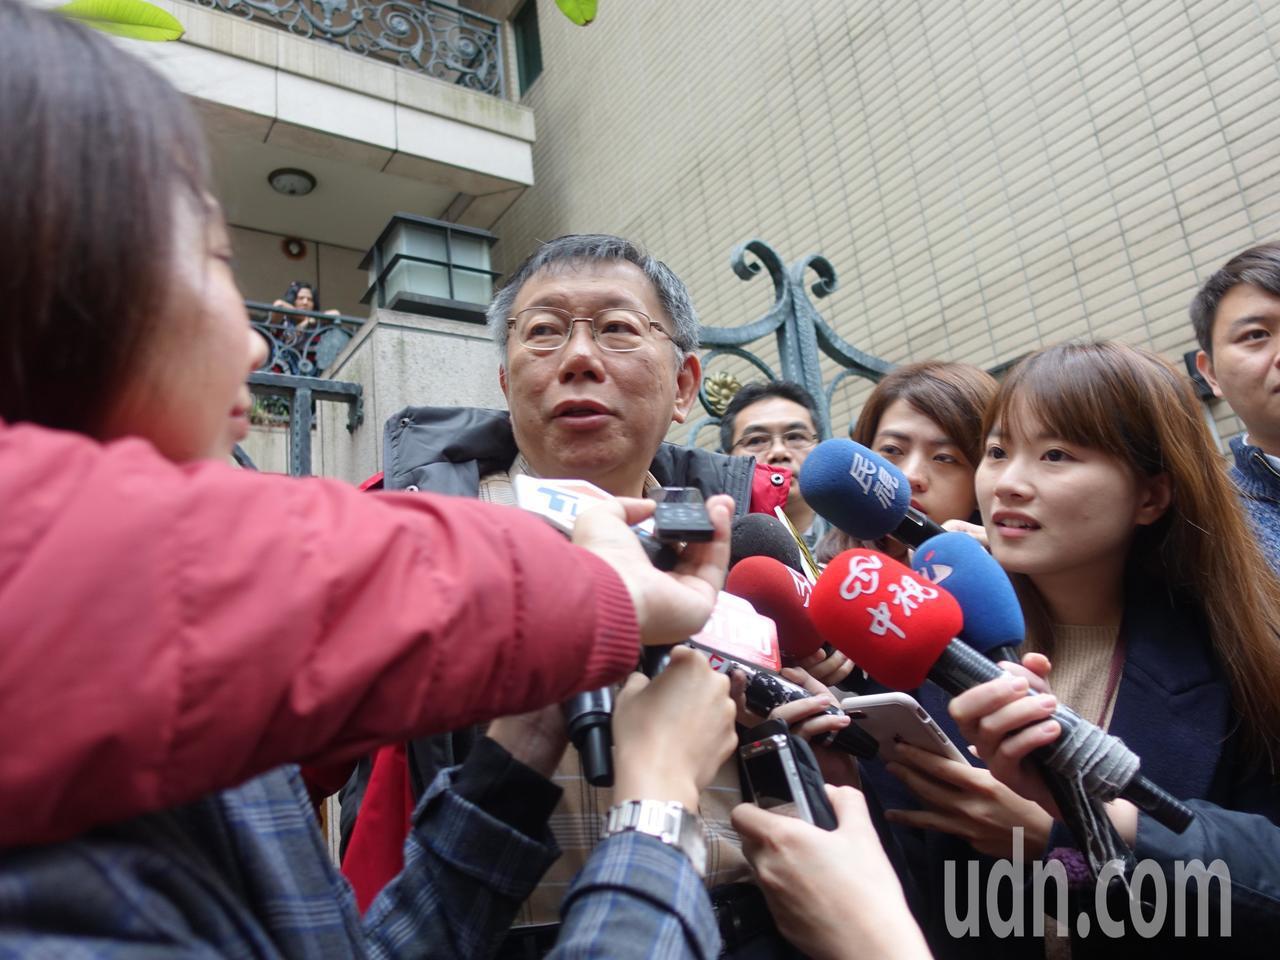 台北市長柯文哲爆粗口的影片不僅被媒體拍到,甚至還被柯文哲的粉絲團直播出去。對此,...